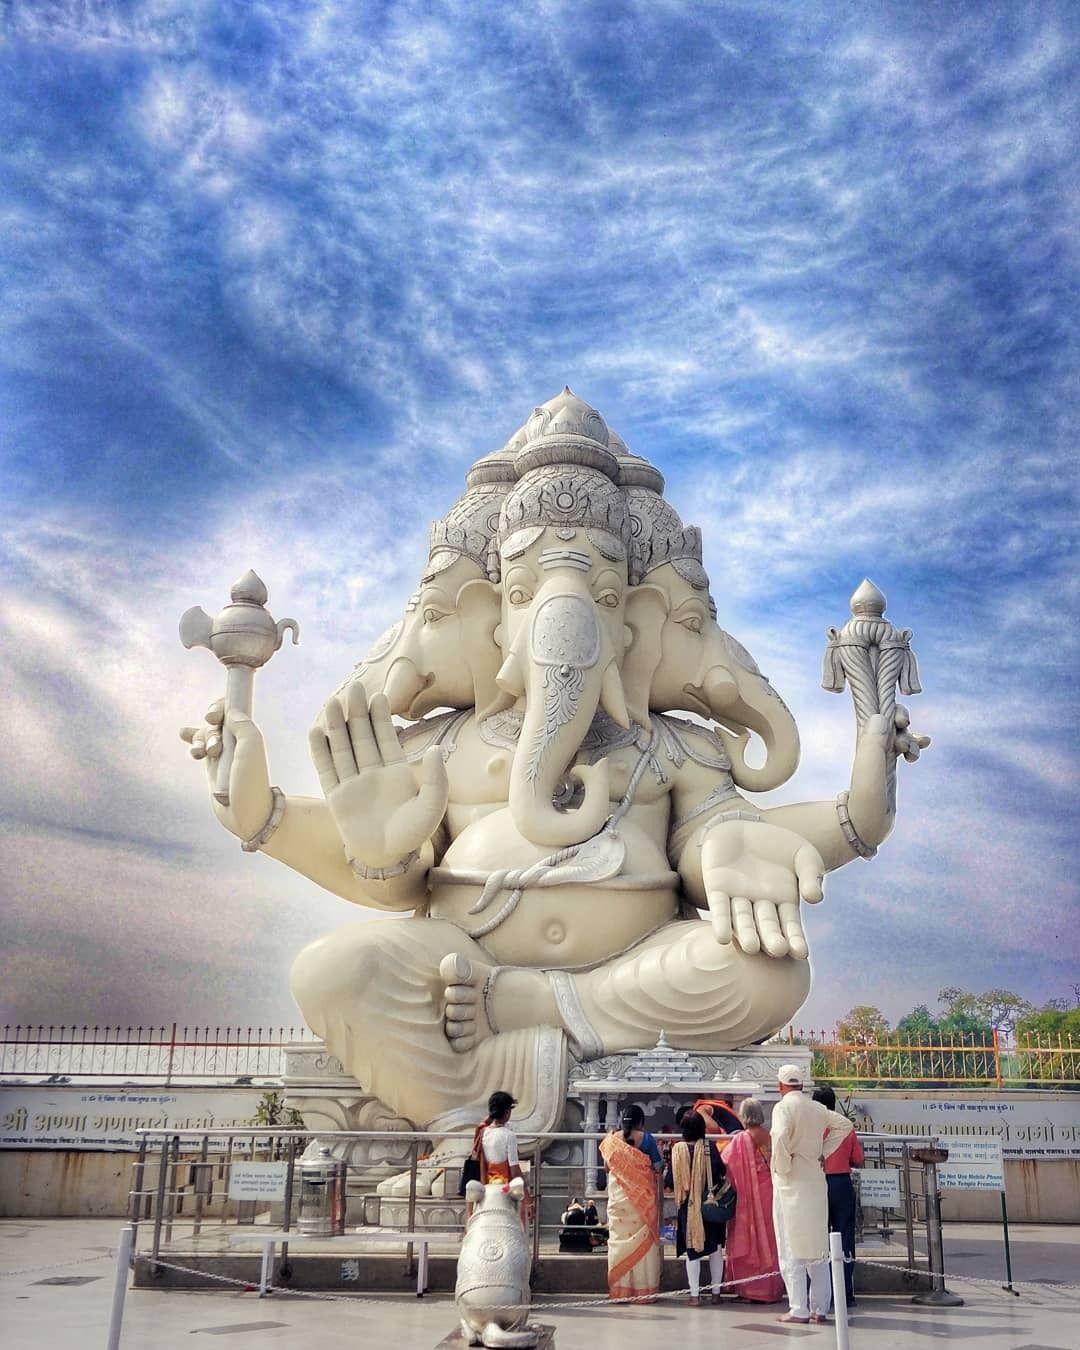 Le miracle du lait bu par Shri Ganesha et d'autres Divinités filmé voir vidéo ....... 7e00875d098660570482daf1ce3c4522